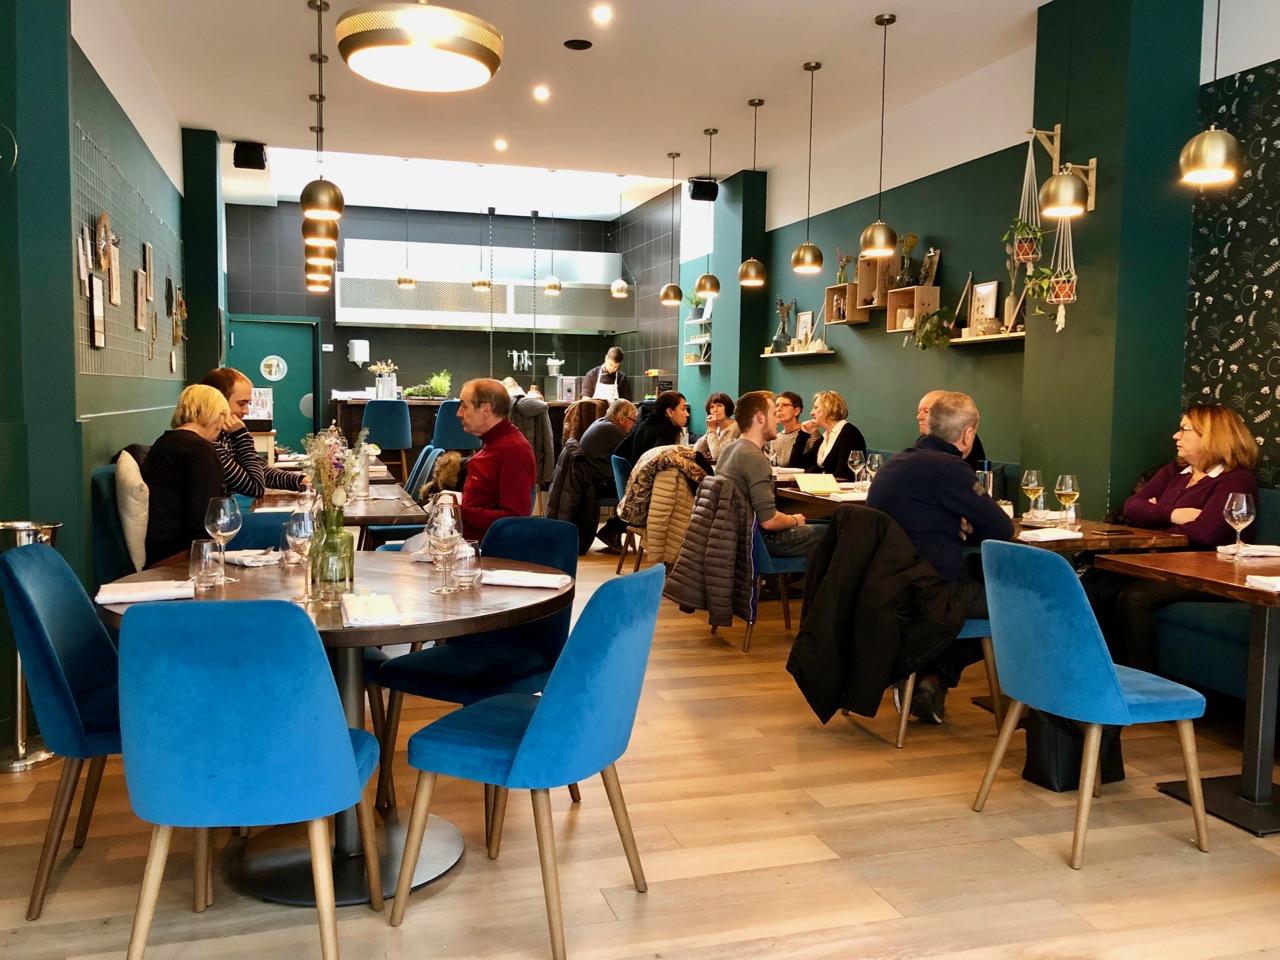 Decoratrice D Interieur Amiens j'ai testé le restaurant bistronomique l'ail des ours à amiens